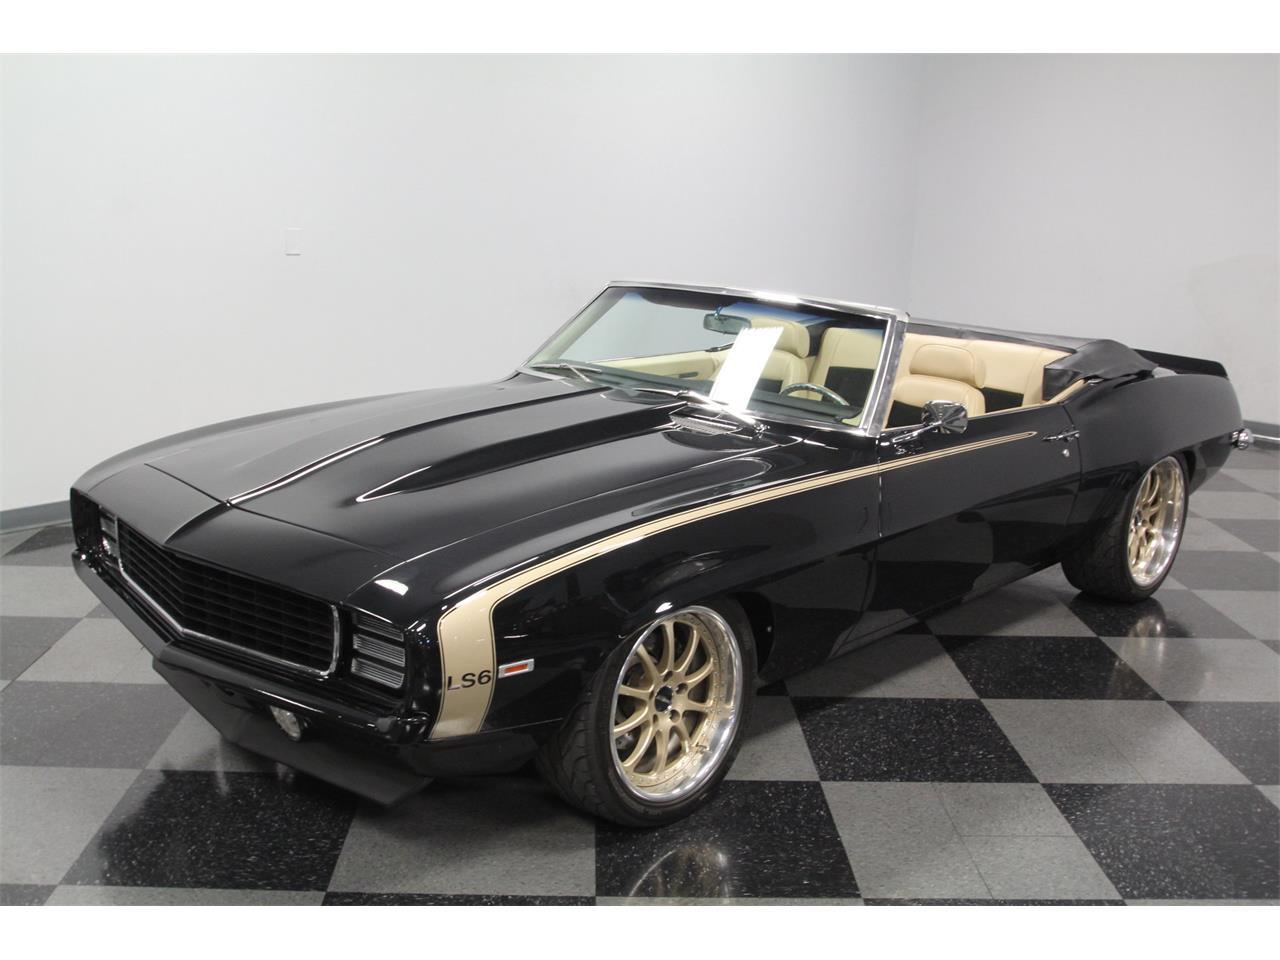 for sale 1969 chevrolet camaro in laredo, texas cars - laredo, tx at geebo